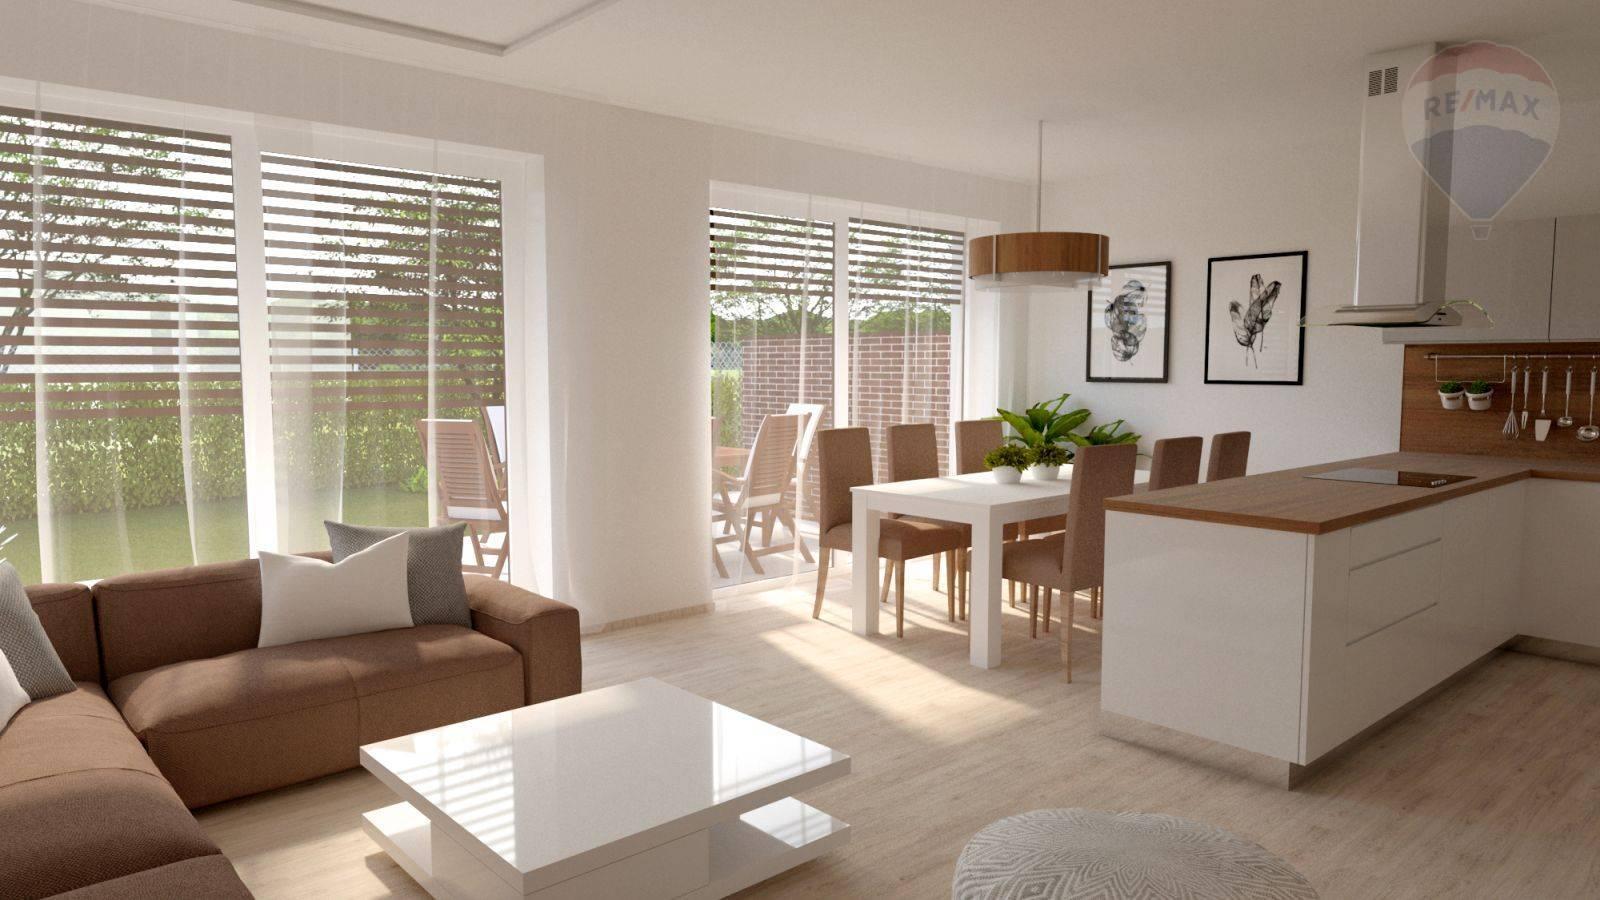 Predaj domu 100 m2, Šamorín - vizualizácia denná časť